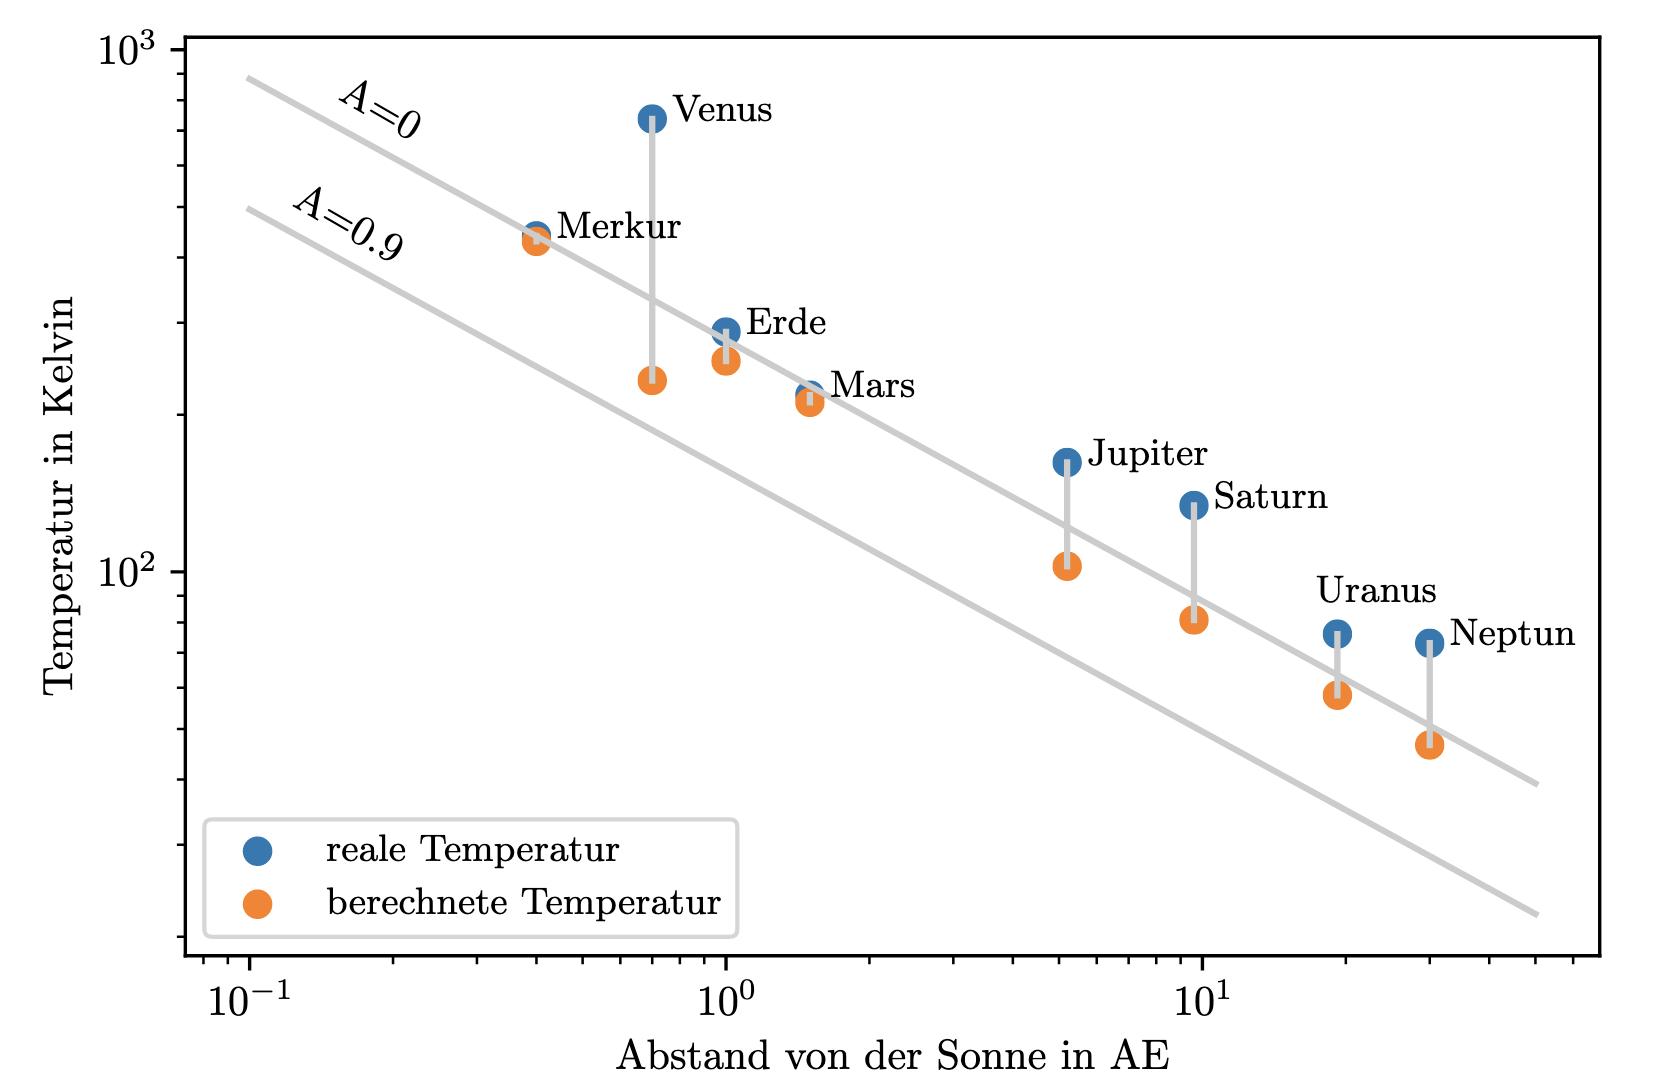 Diagramm, bei dem für die Planeten des Sonnensystems Abstand von der Sonne ud berechnete ebenso wie tatsächliche Oberflächentemperatur aufgetragen ist